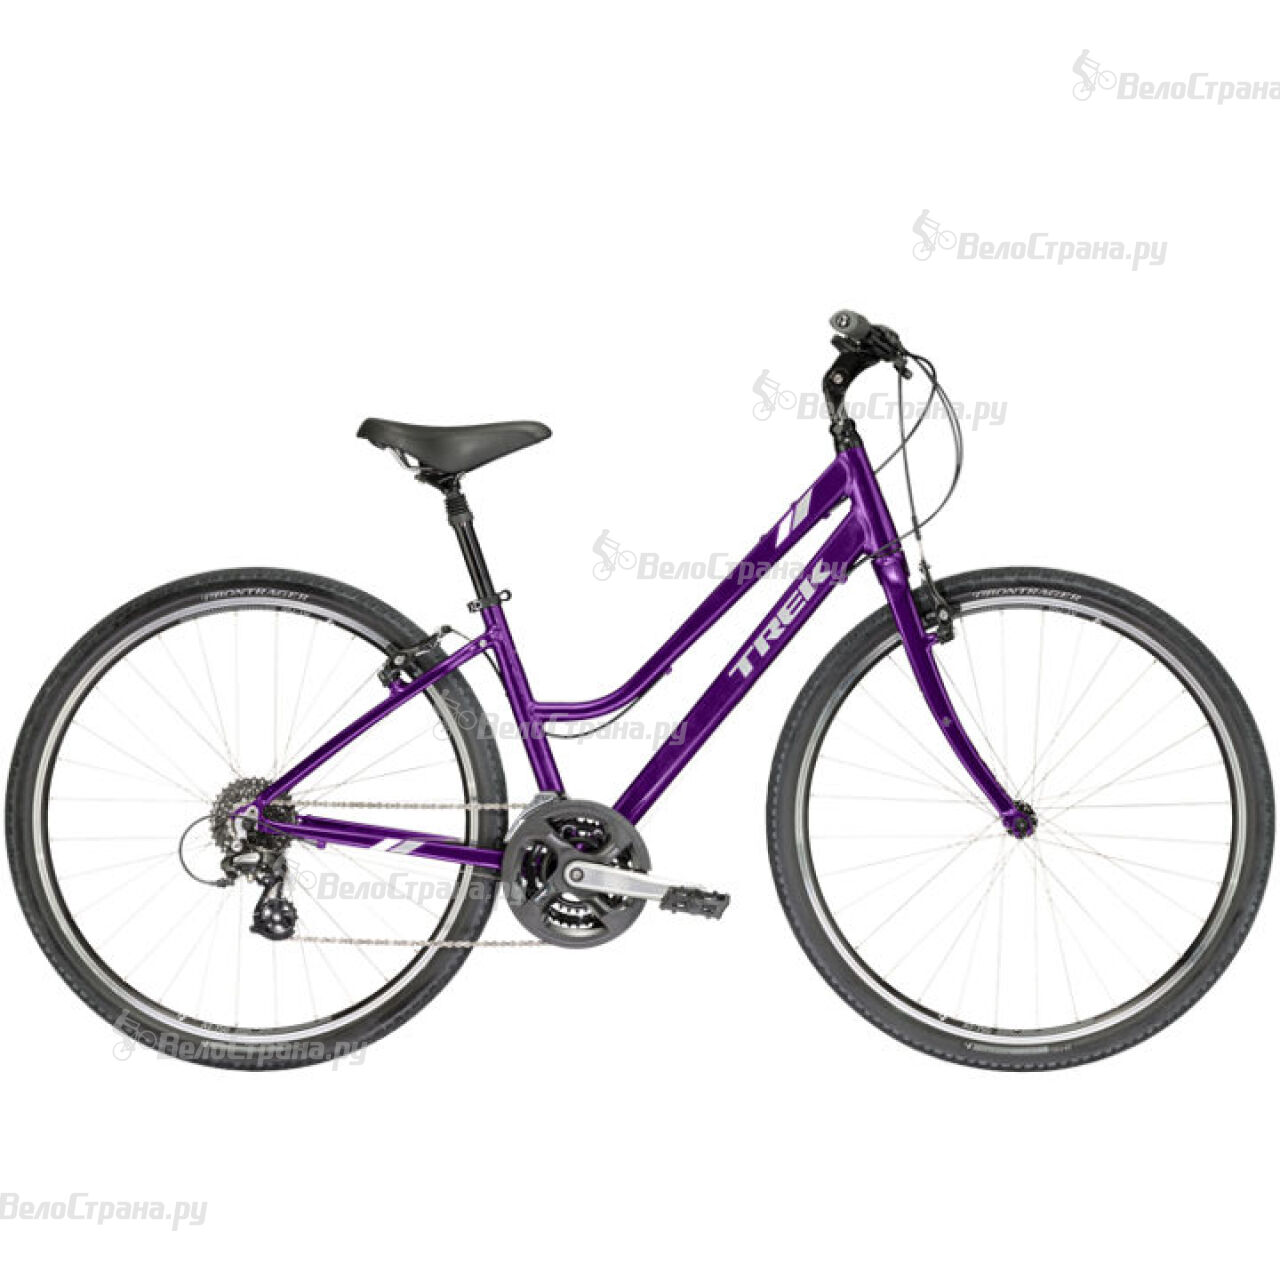 Велосипед Trek Verve 2 WSD (2017) велосипед trek verve 3 wsd 2017